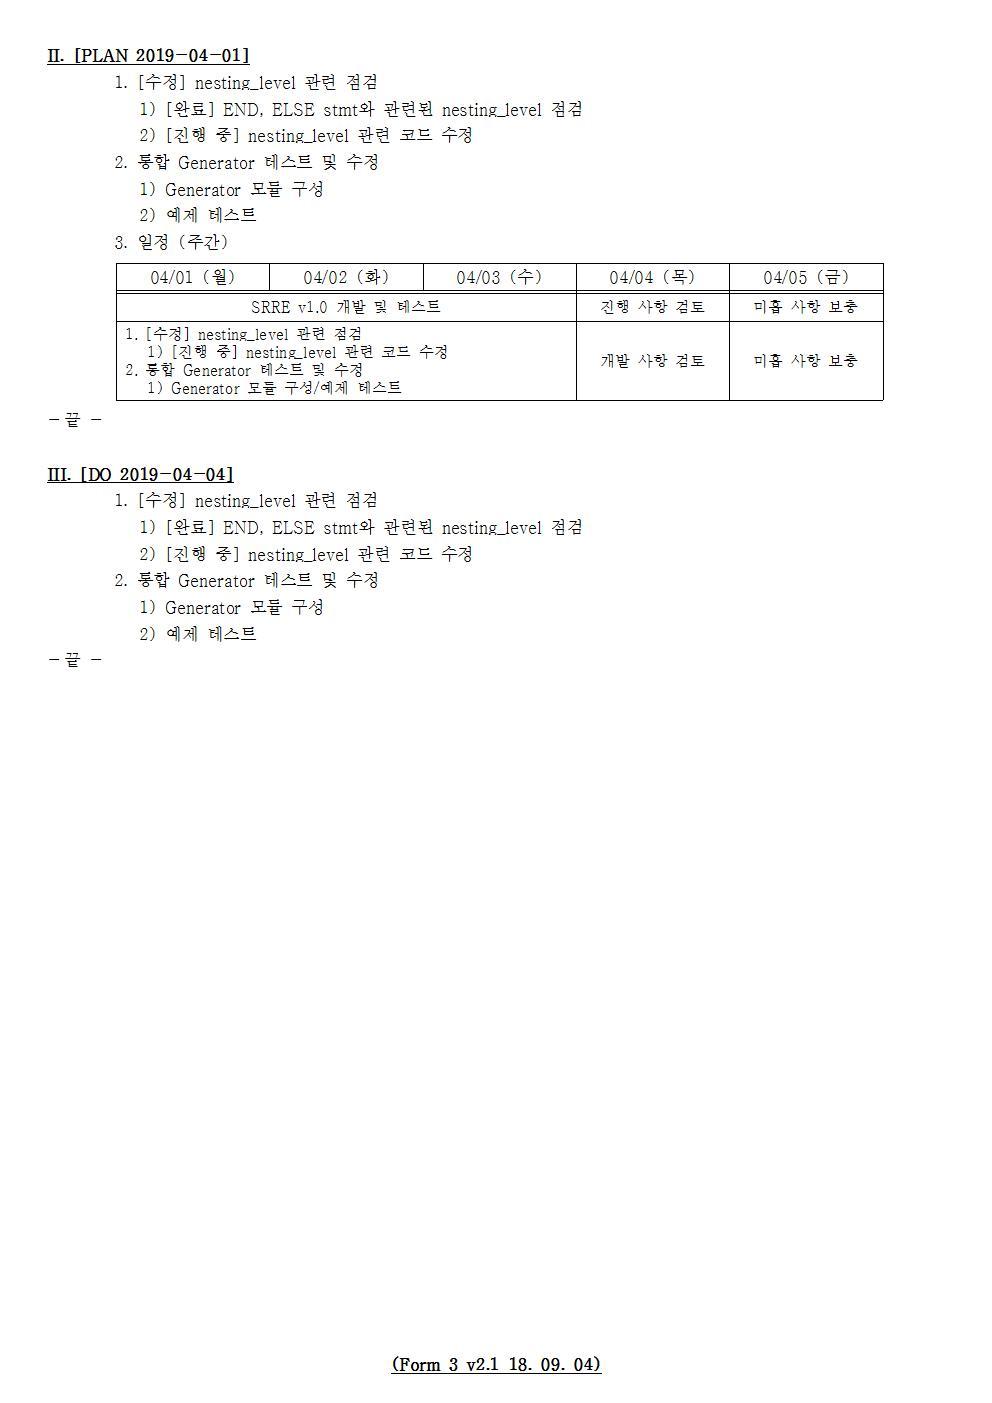 D-[19-003-RD-03]-[Tool-SRRE-1.X]-[2019-04-04][JS]002.jpg